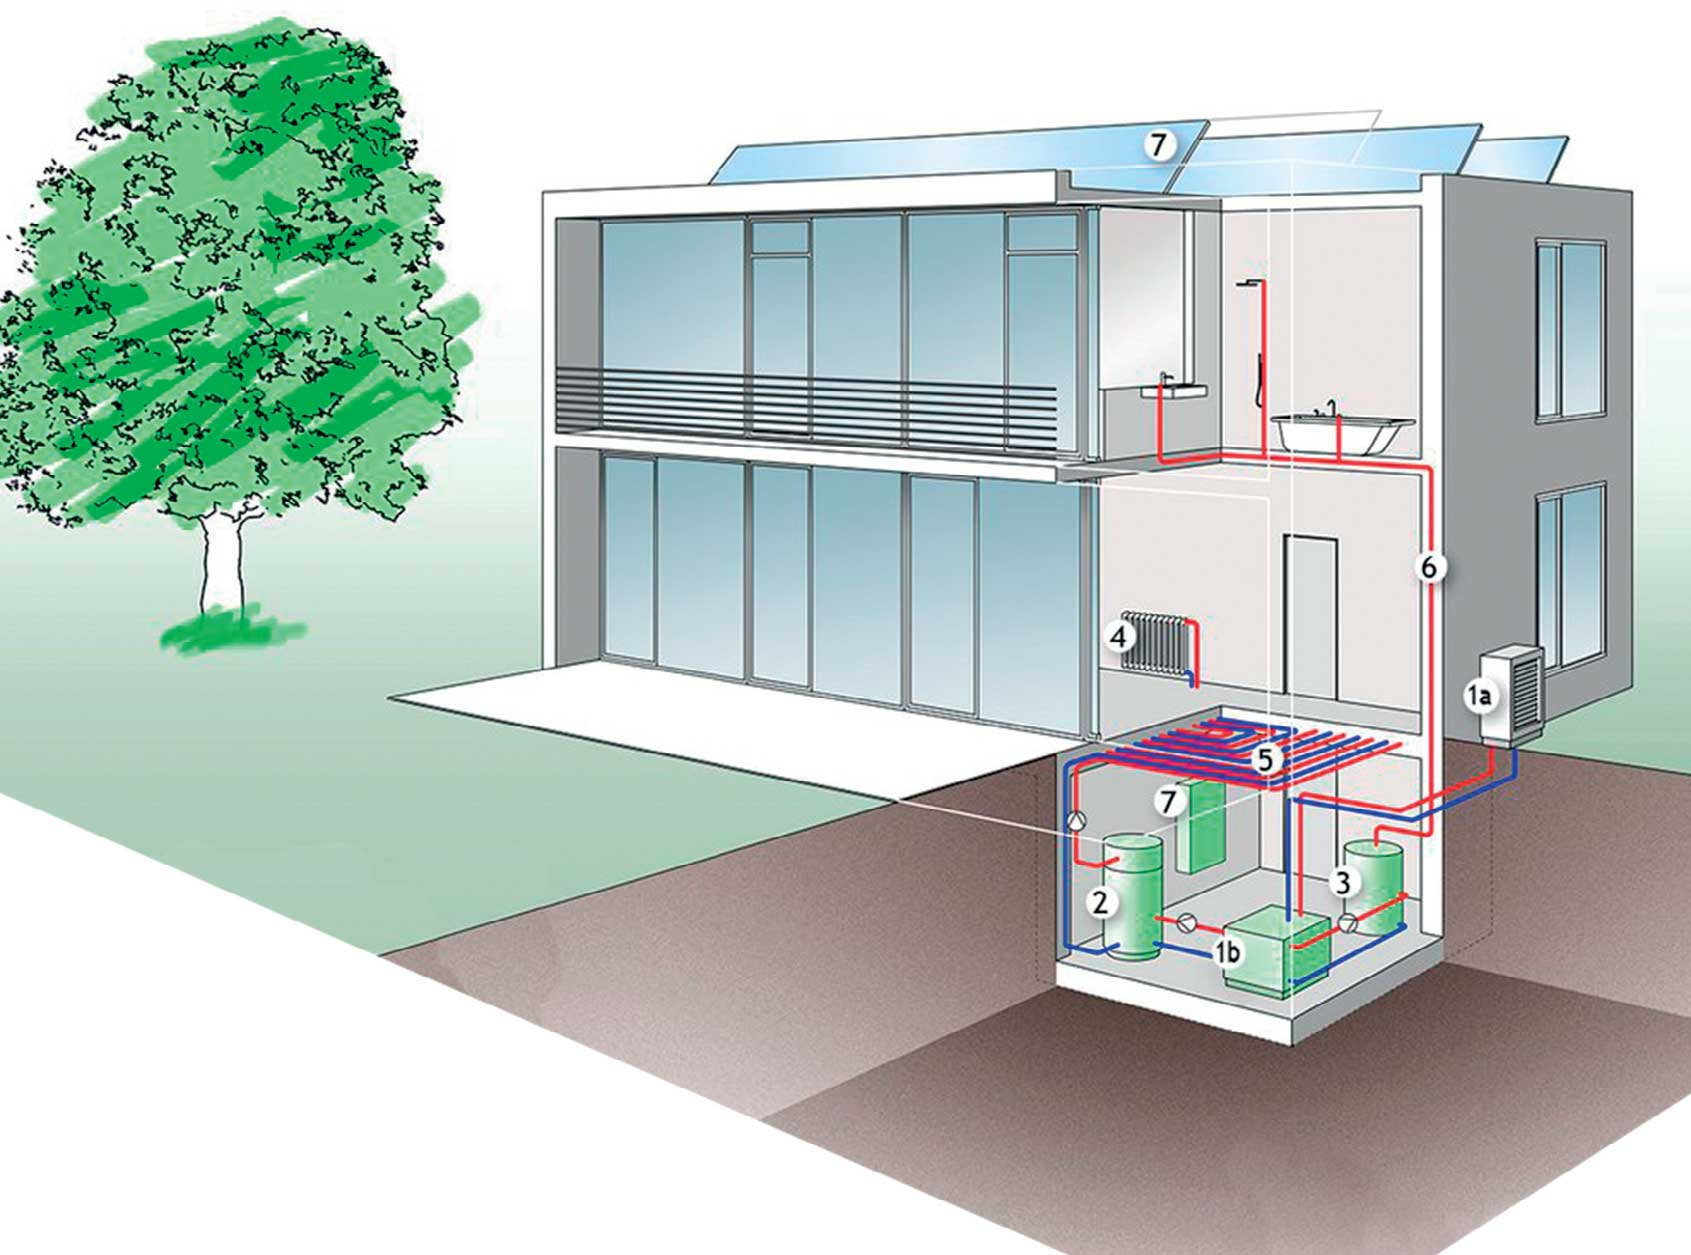 Luft-Wärmepumpe-Splitaufstellung